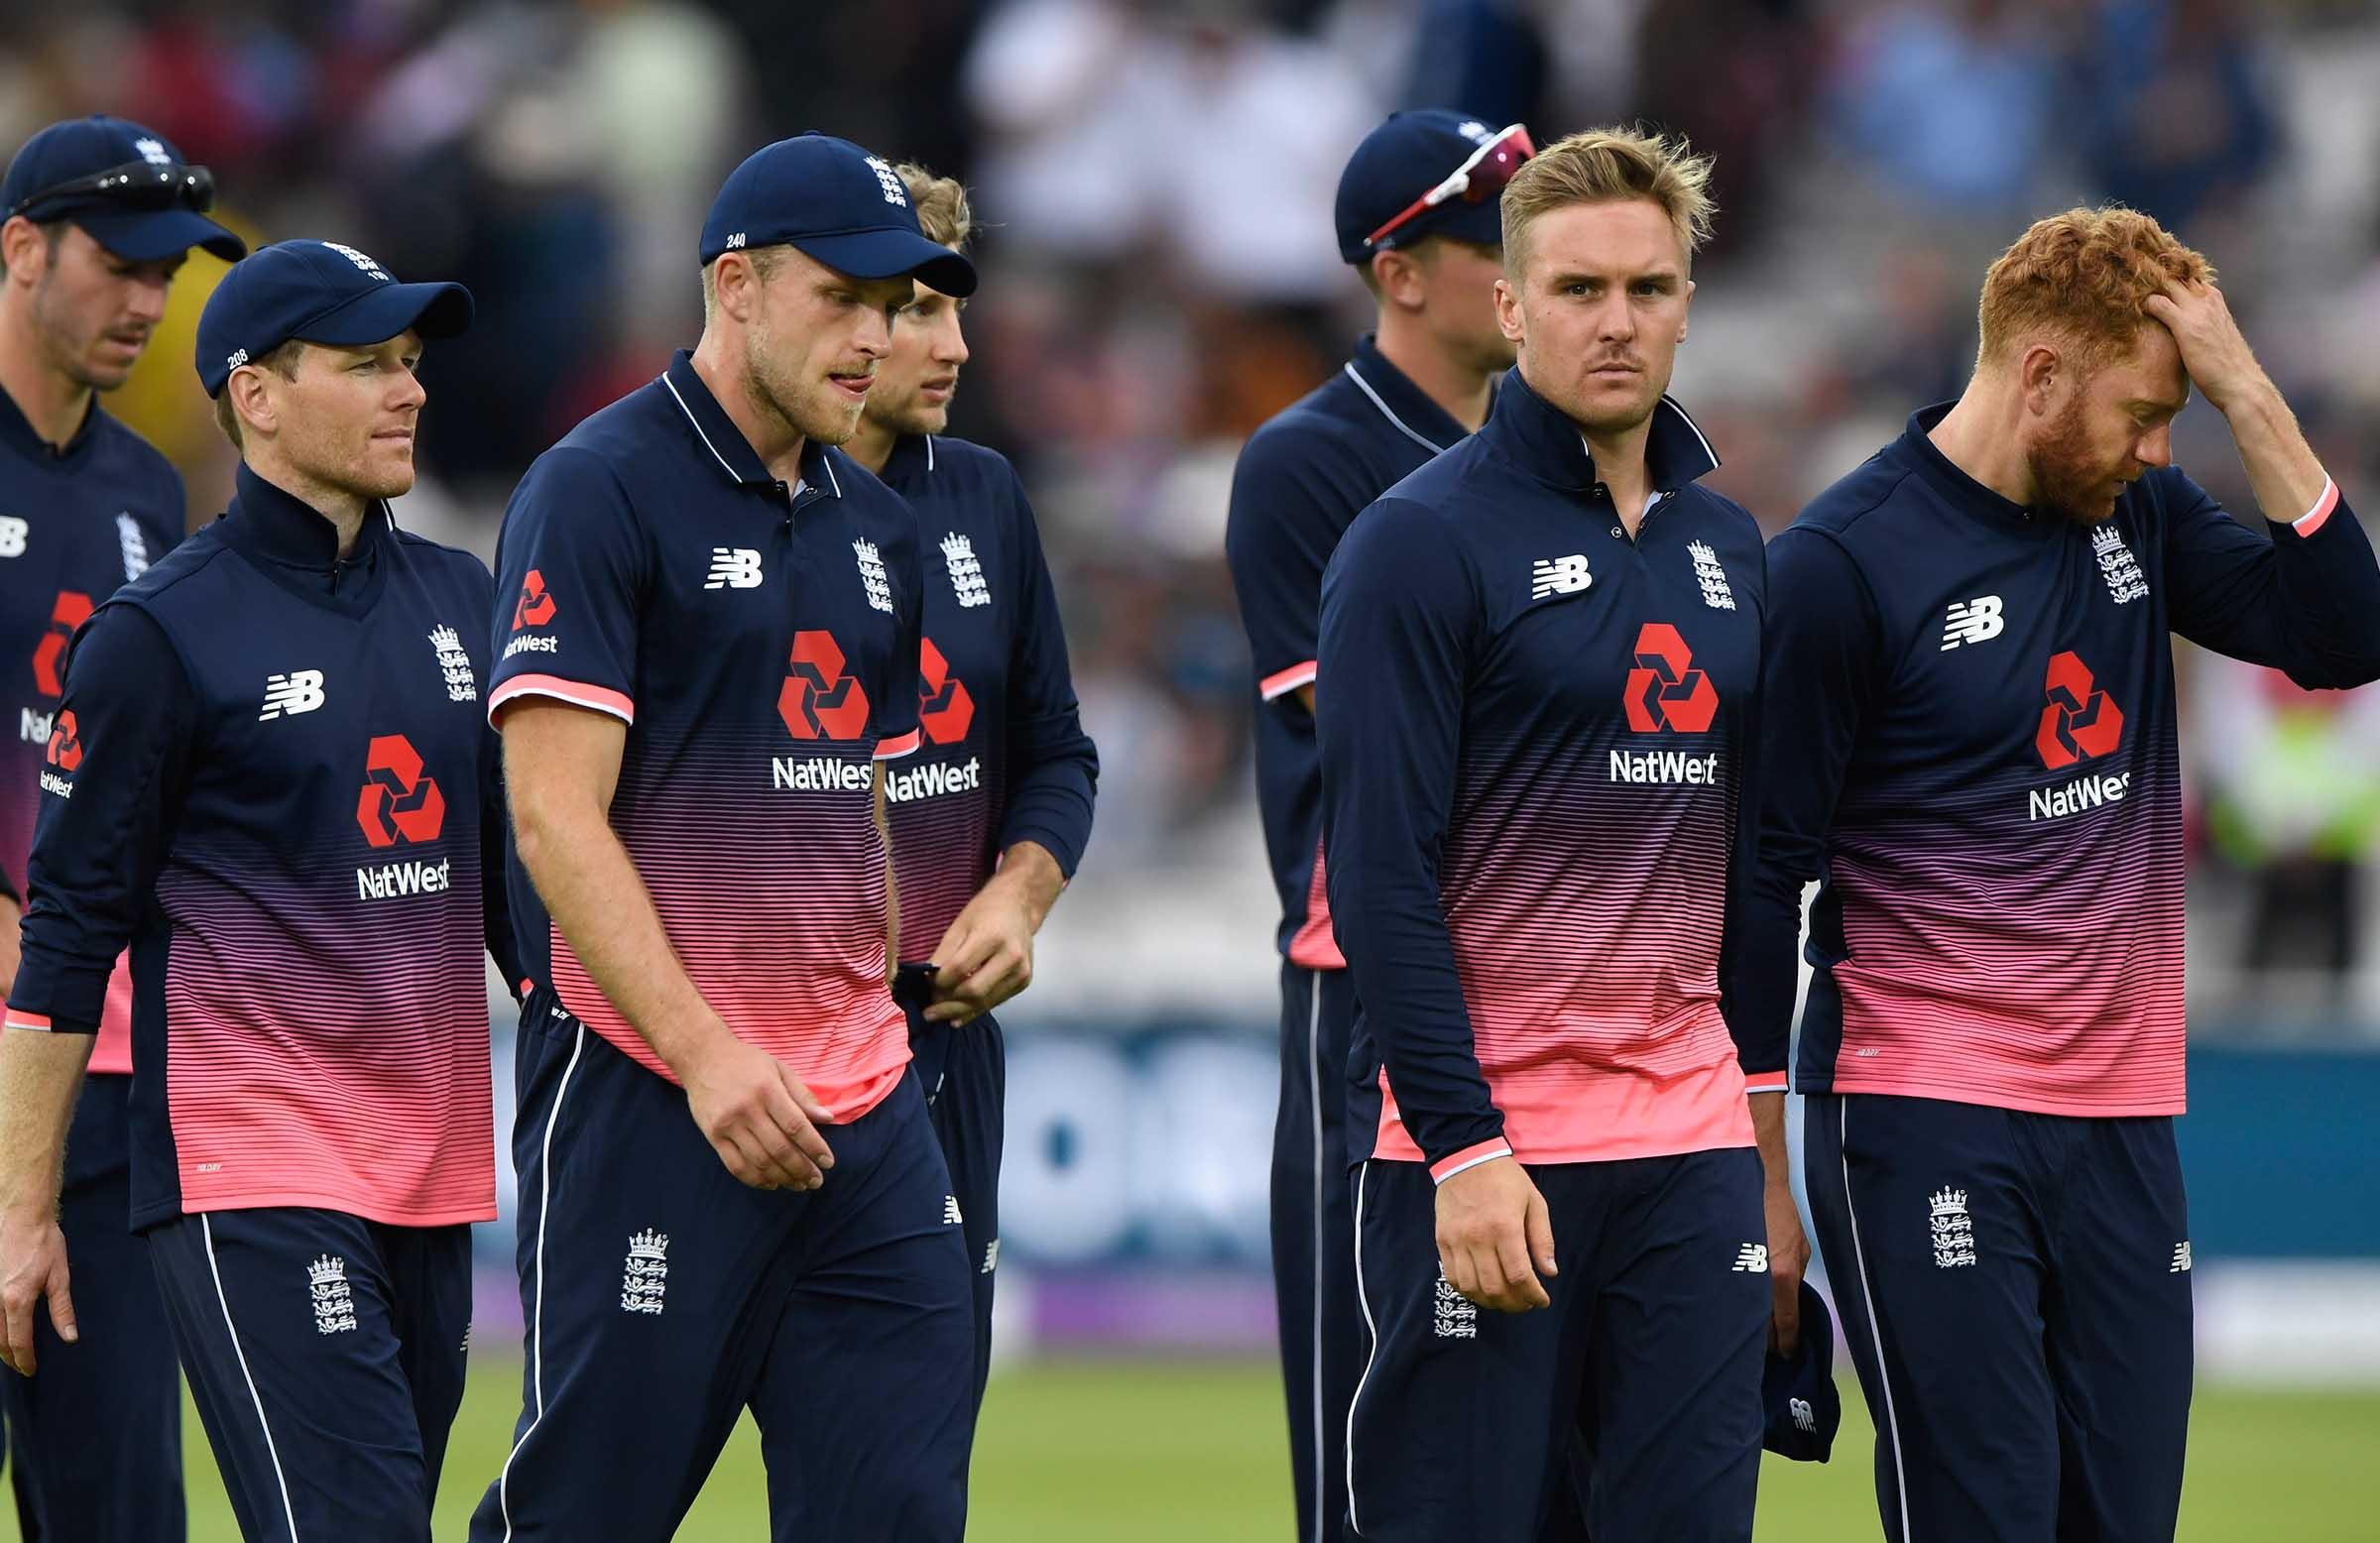 इंग्लैंड के कप्तान मॉर्गन ने हार के बाद भारत के लिए कहा कुछ ऐसा जीत लिया 130 करोड़ भारतीयों का दिल